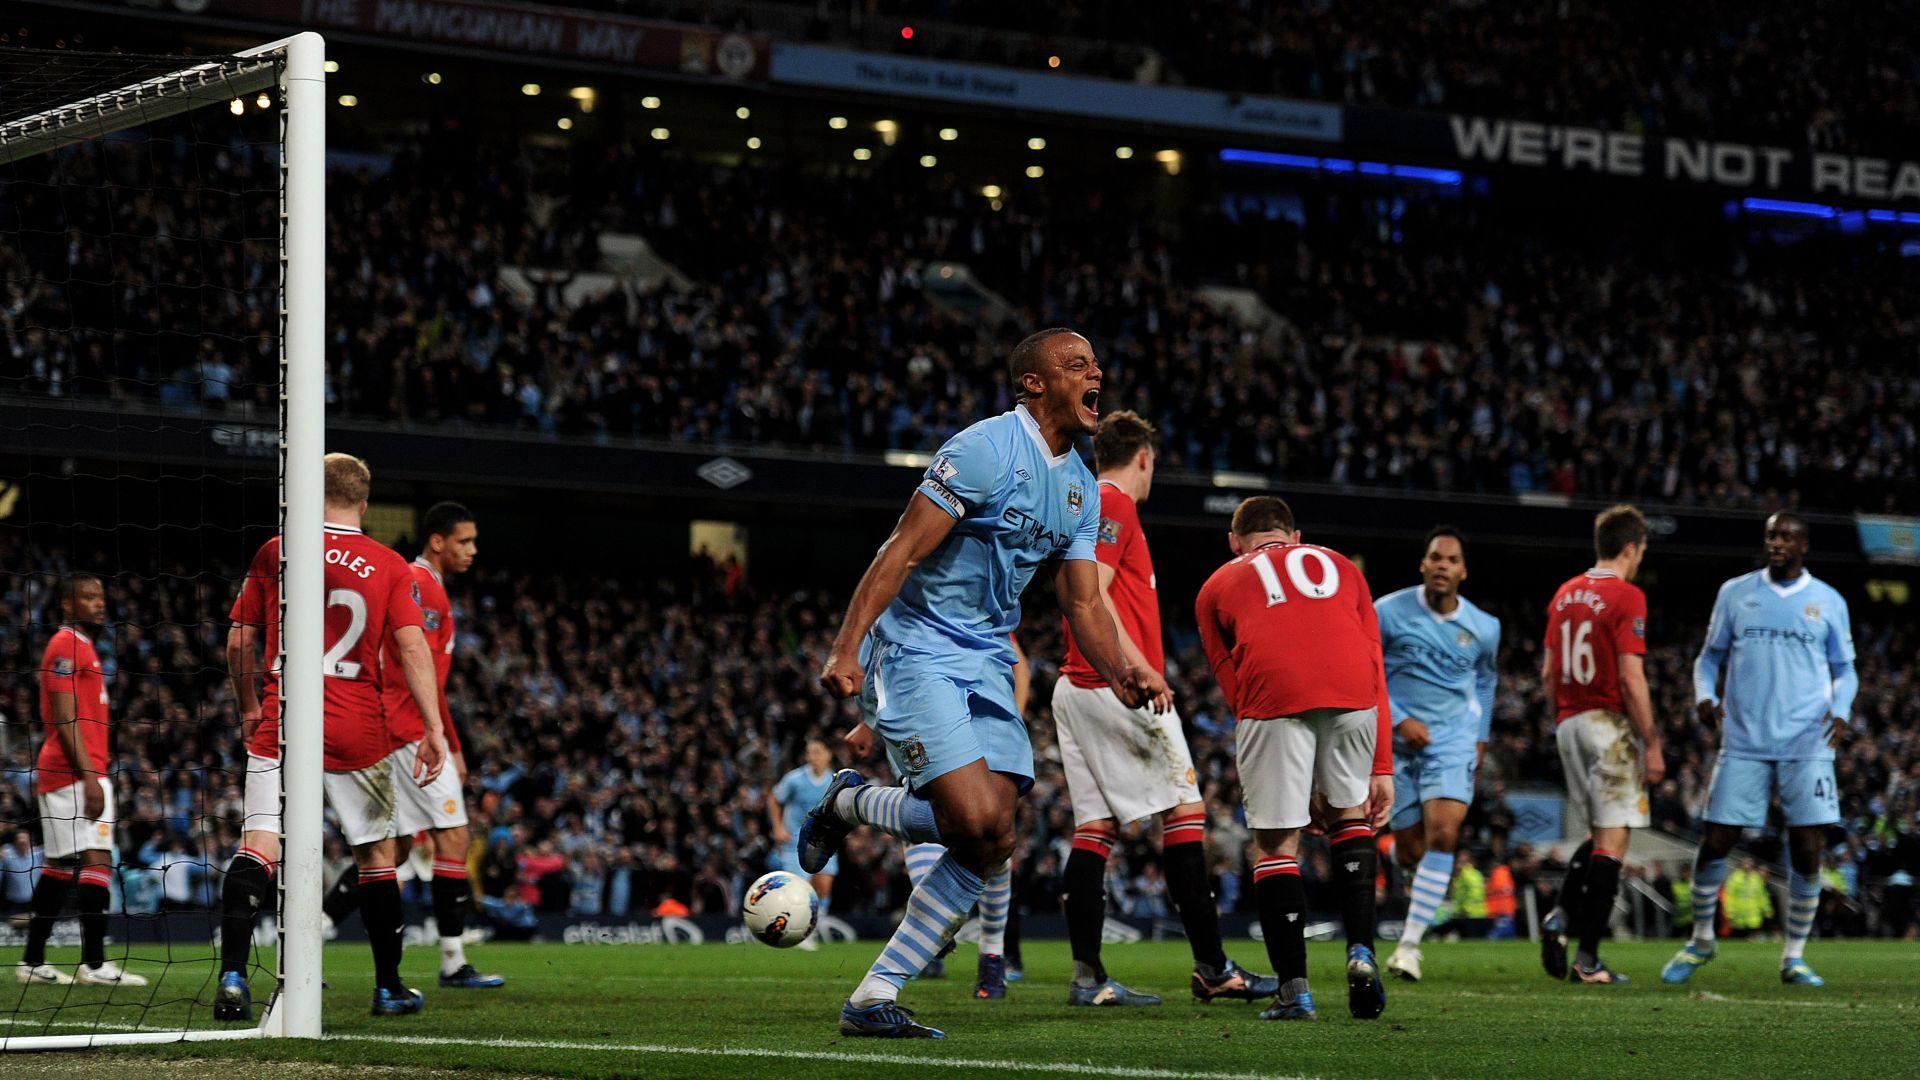 Спортът по телевизията днес (къде ще гледаме големия бокс и футболните дербита?)